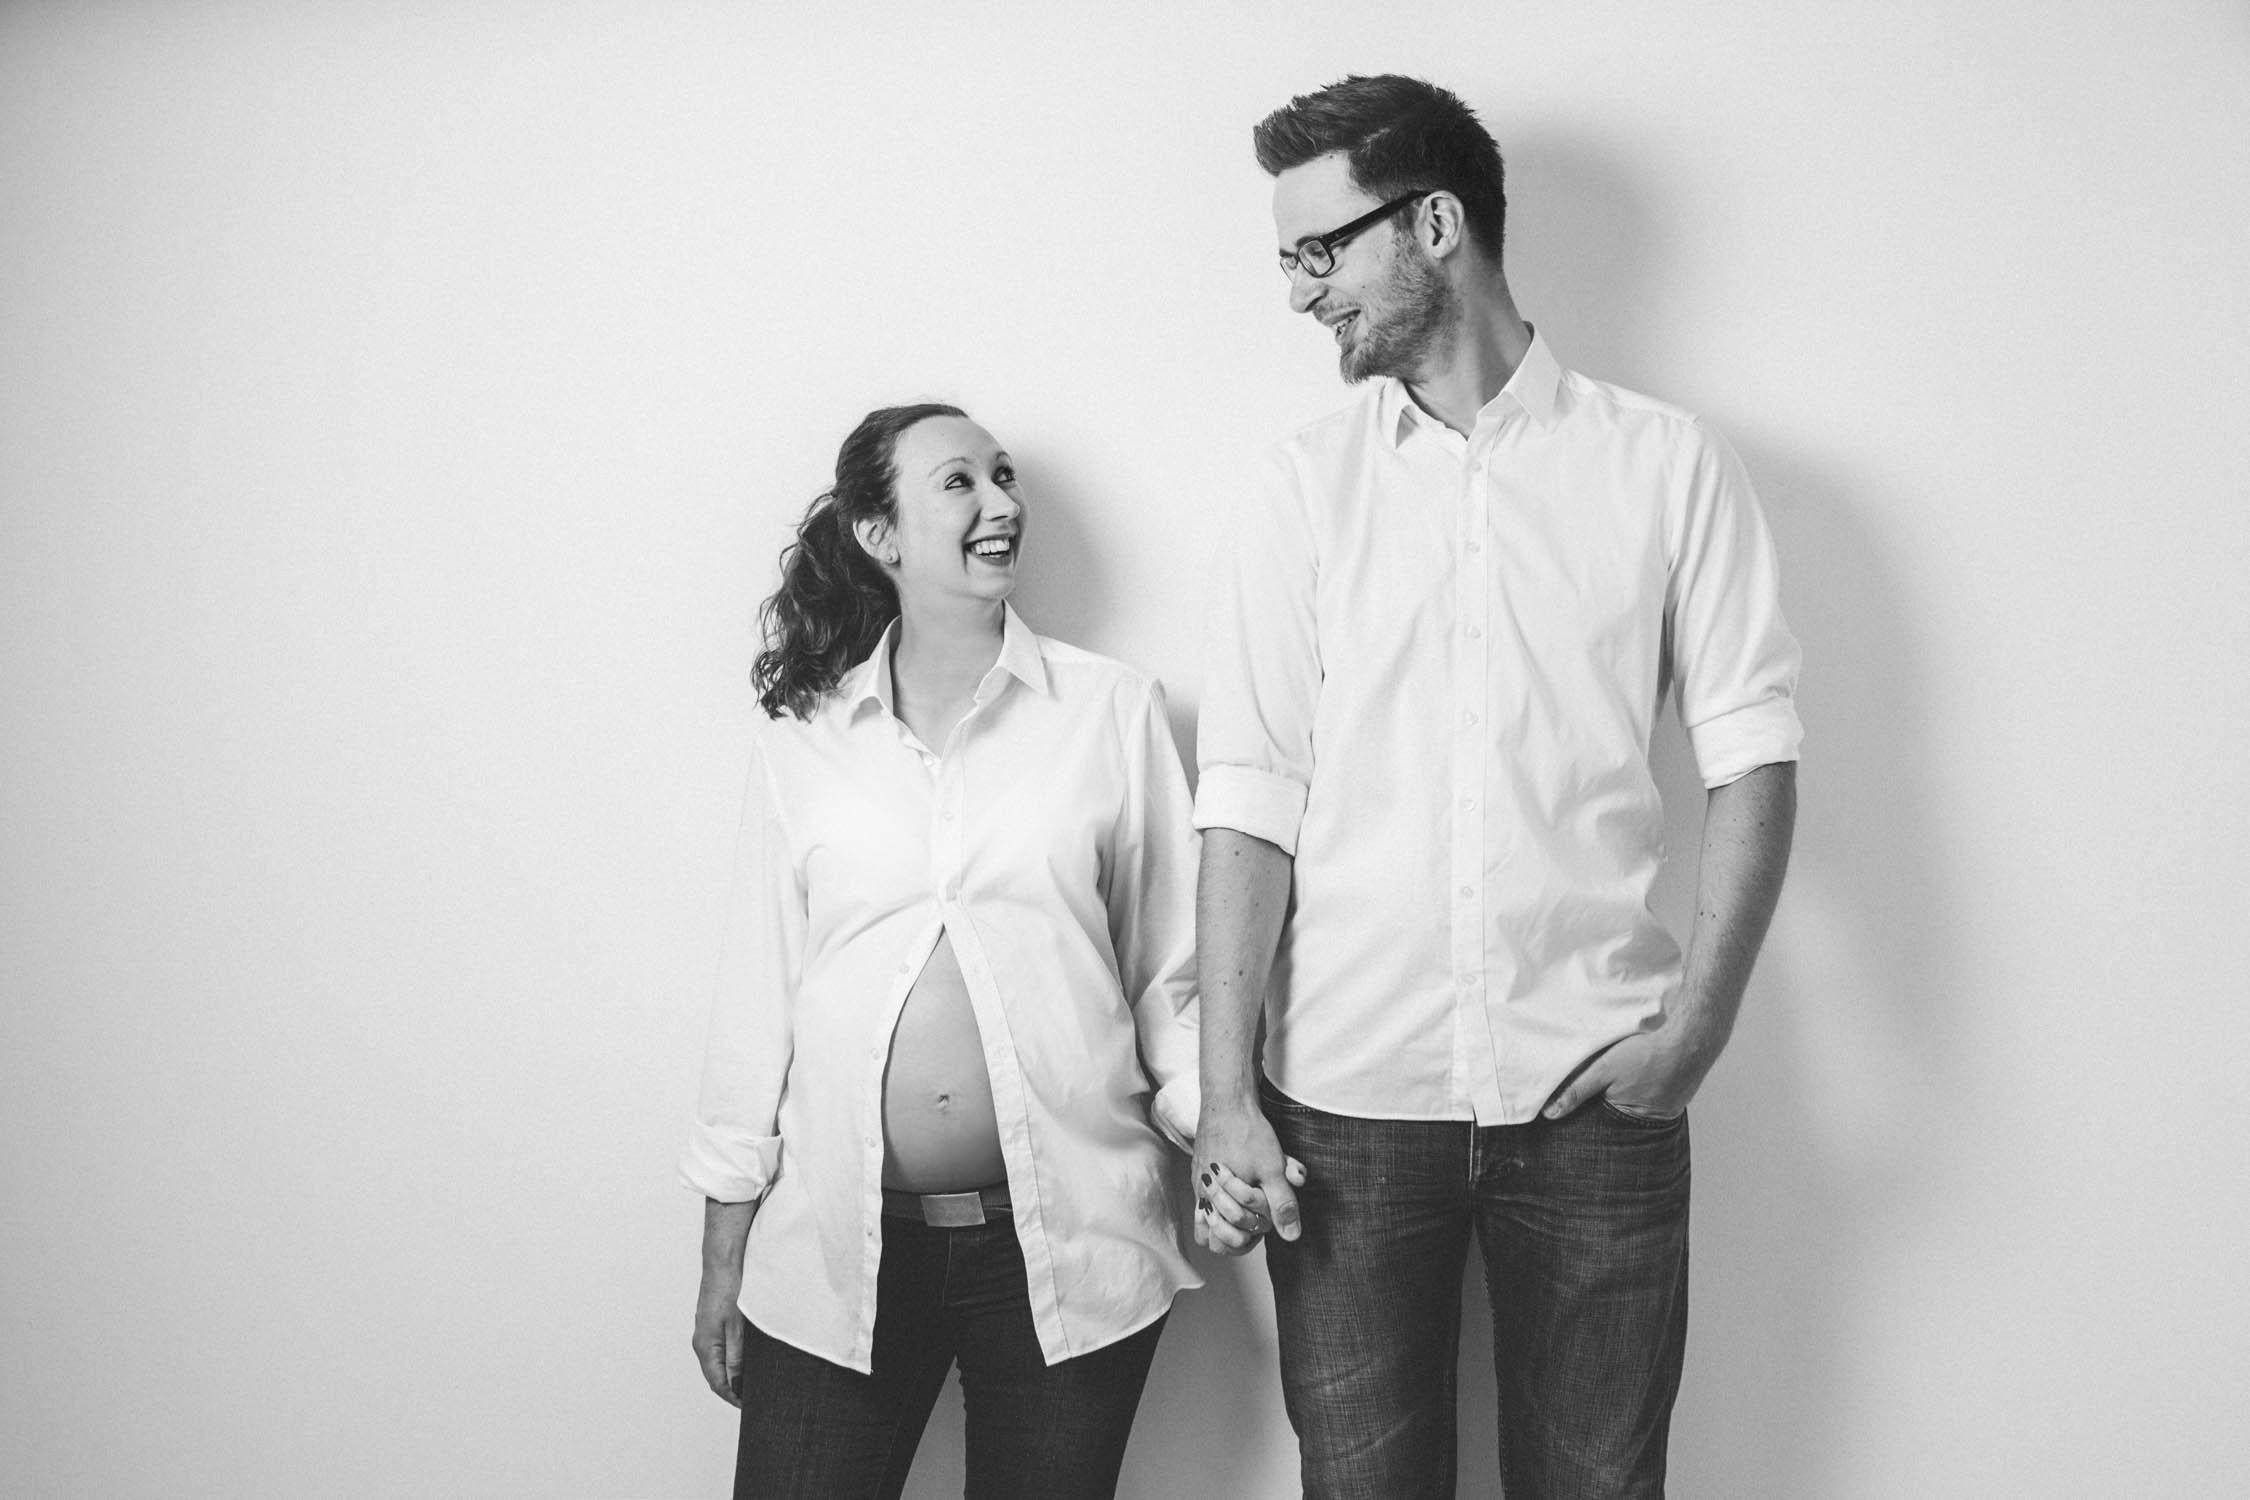 Babybauch, paar in schwarz-weiß